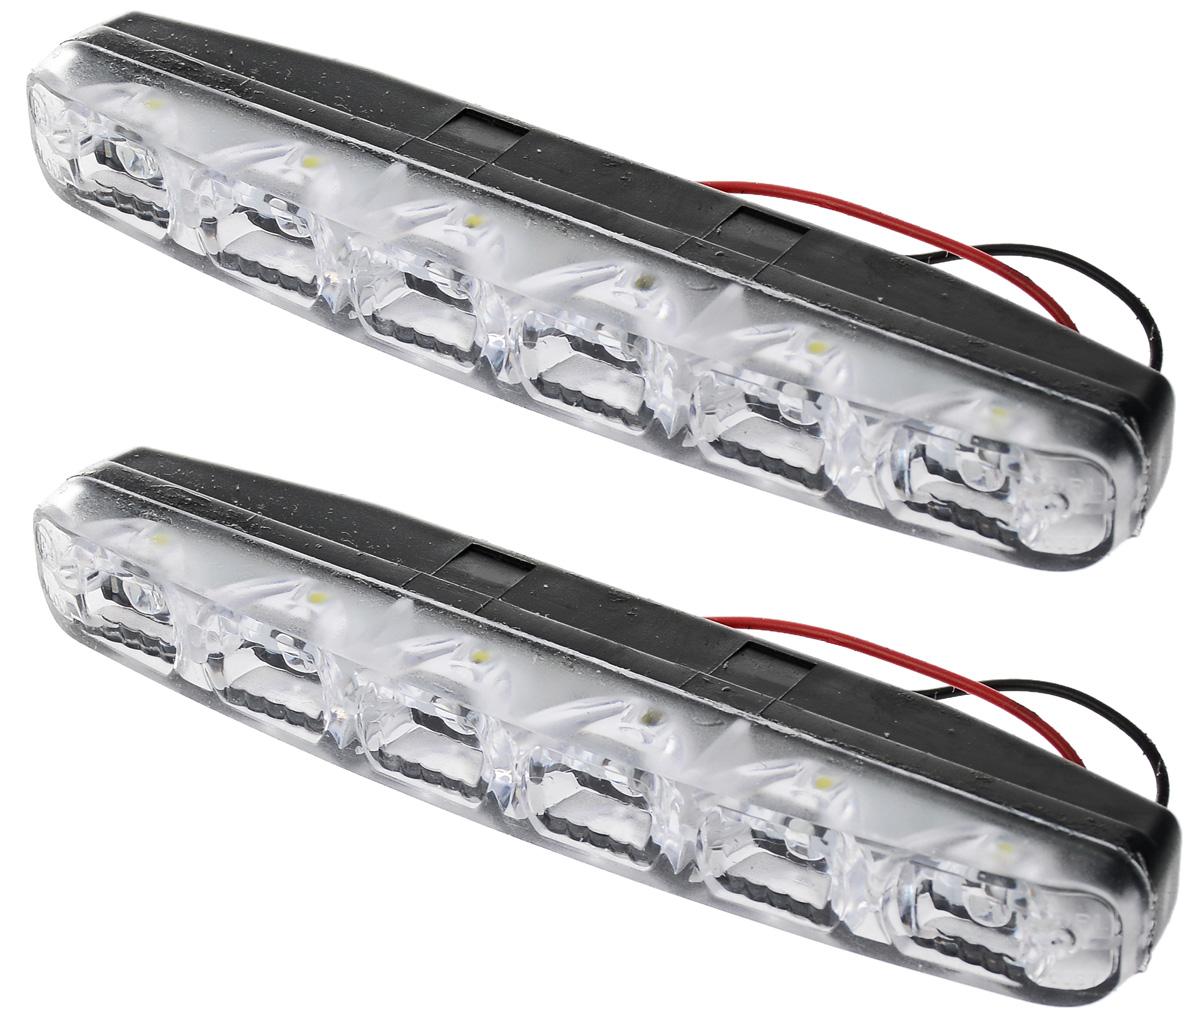 Дневные ходовые огни AVS DL-6A, 2 шт2615S545JBДневные ходовые огни AVS DL-6A - это лампы грузового или легкового автомобиля, используемые для повышения видимости автотранспортного средства в дневное время.Напряжение: 12 В.Общая мощность: 6 Вт.Количество светодиодов: 6 х 2.Модель светодиода: Epistar (SMD 5050 0,5W).Температура свечения: 5000 К.Общий световой поток 540 Лм.IP защита: 55 (5-защита от проникновения пыли в количествах, не влияющих на работоспособность изделия, 5-защита от струй воды во всех направлениях).